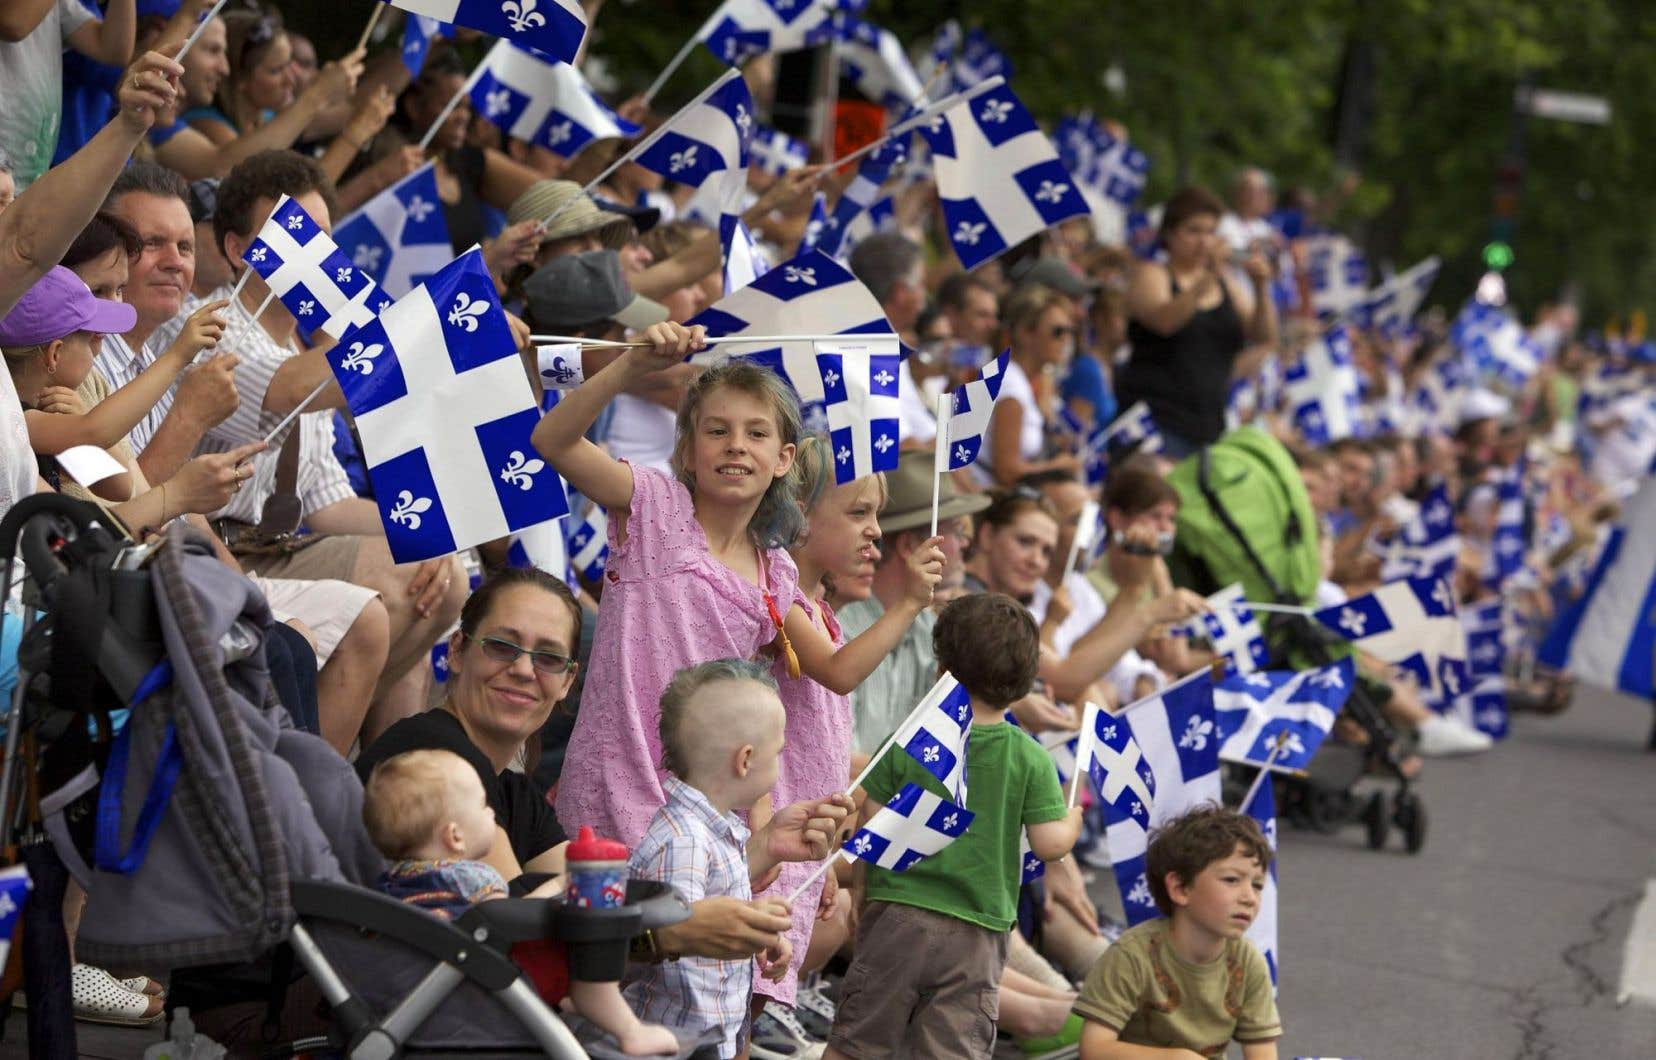 La population québécoise est attachée à sa Fête nationale et reconnaît son caractère rassembleur.